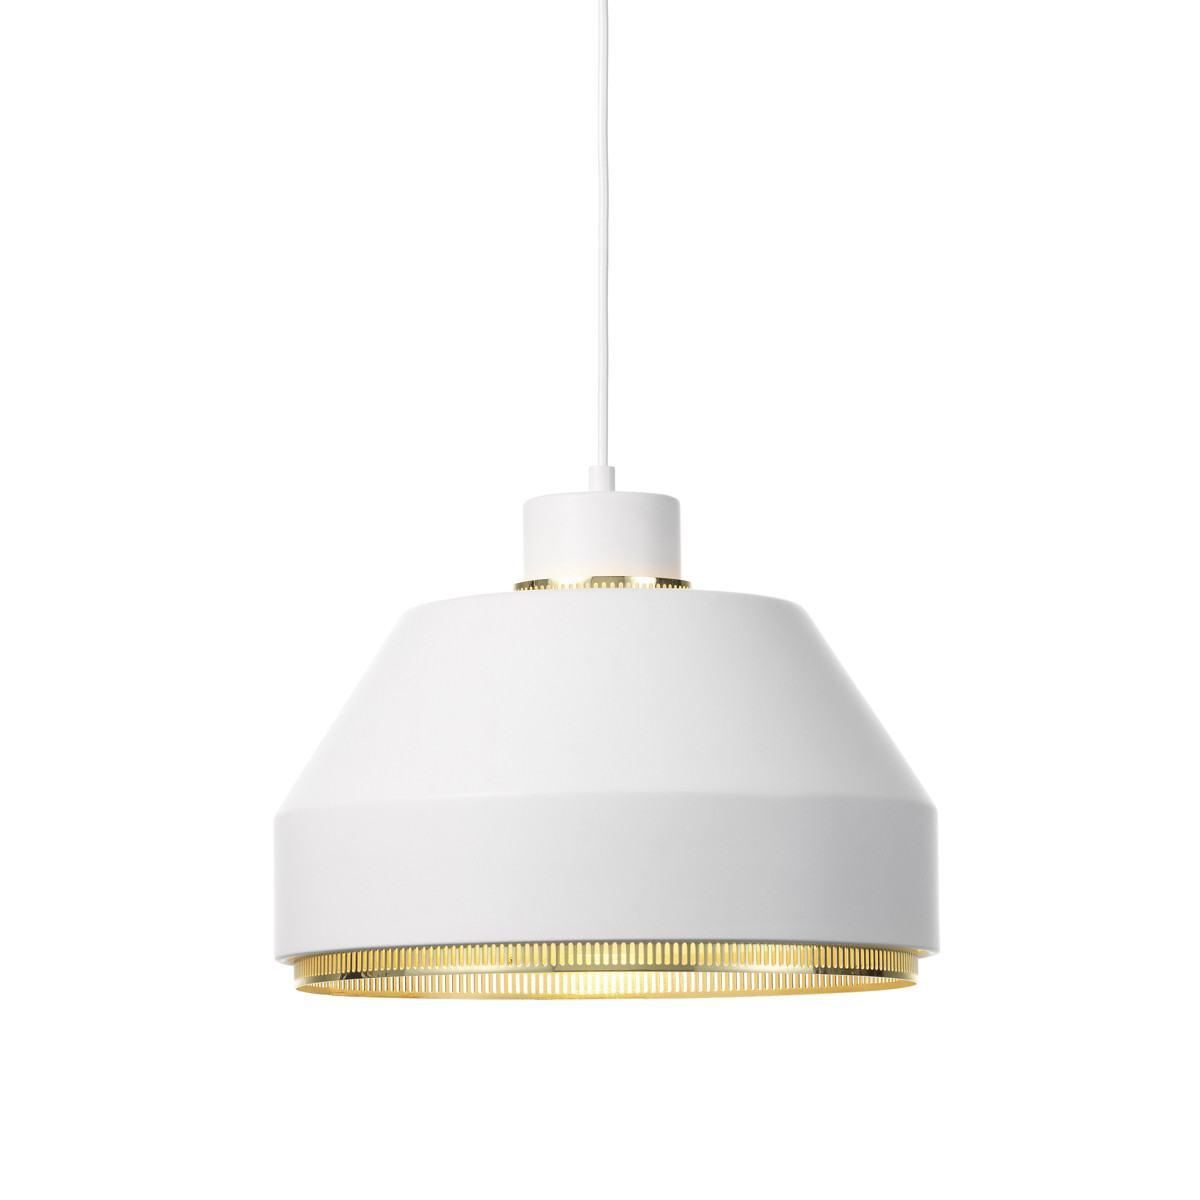 Artek AMA500 Pendant Light-White